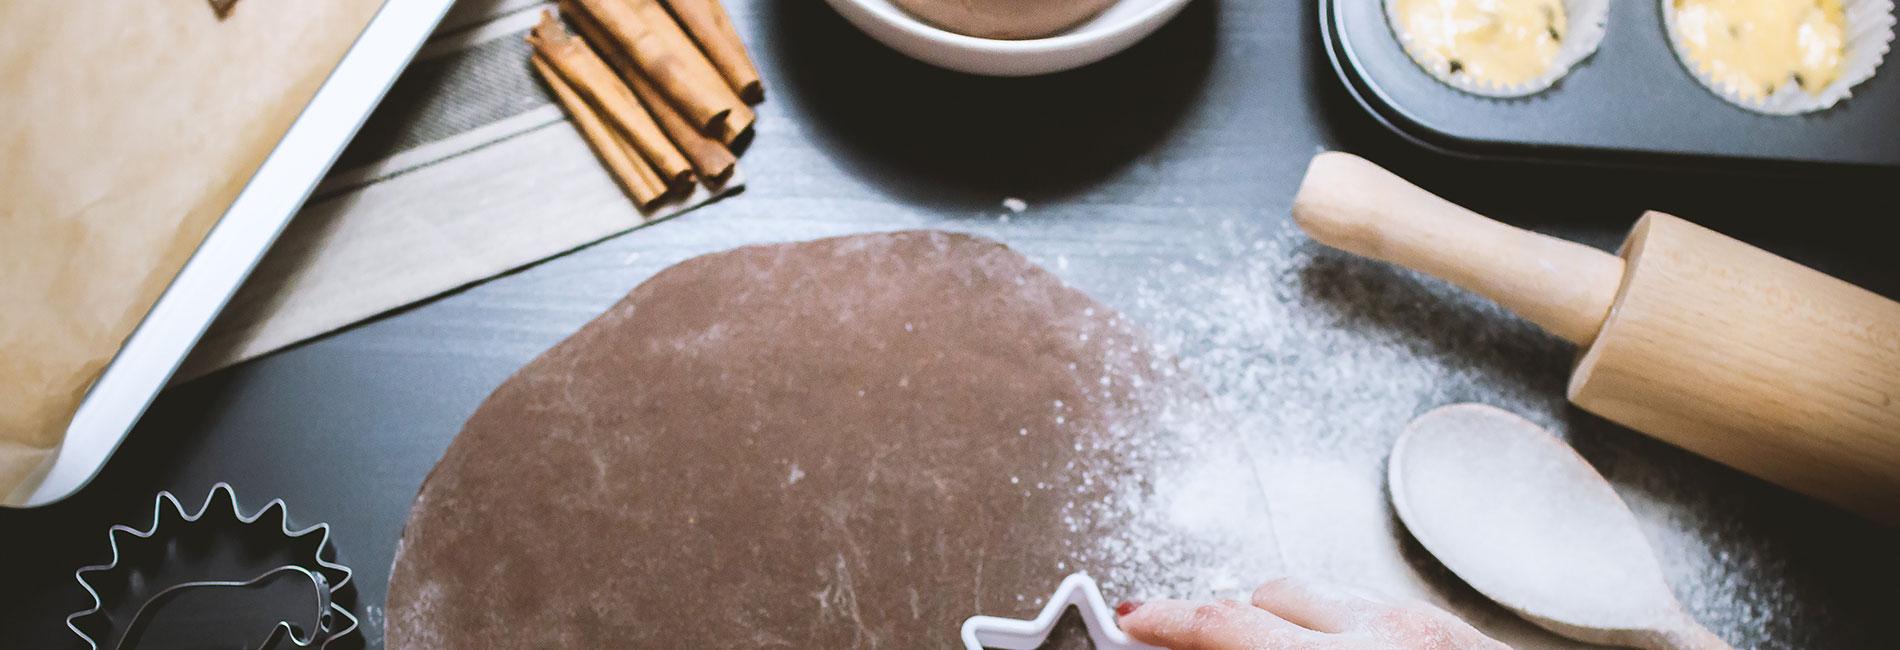 curso-cocina-diploma-en-cocina-mediterrania-y-reposteria-tradicional-europea-2018-ecotur-ecuela-cocina turismo-valencia